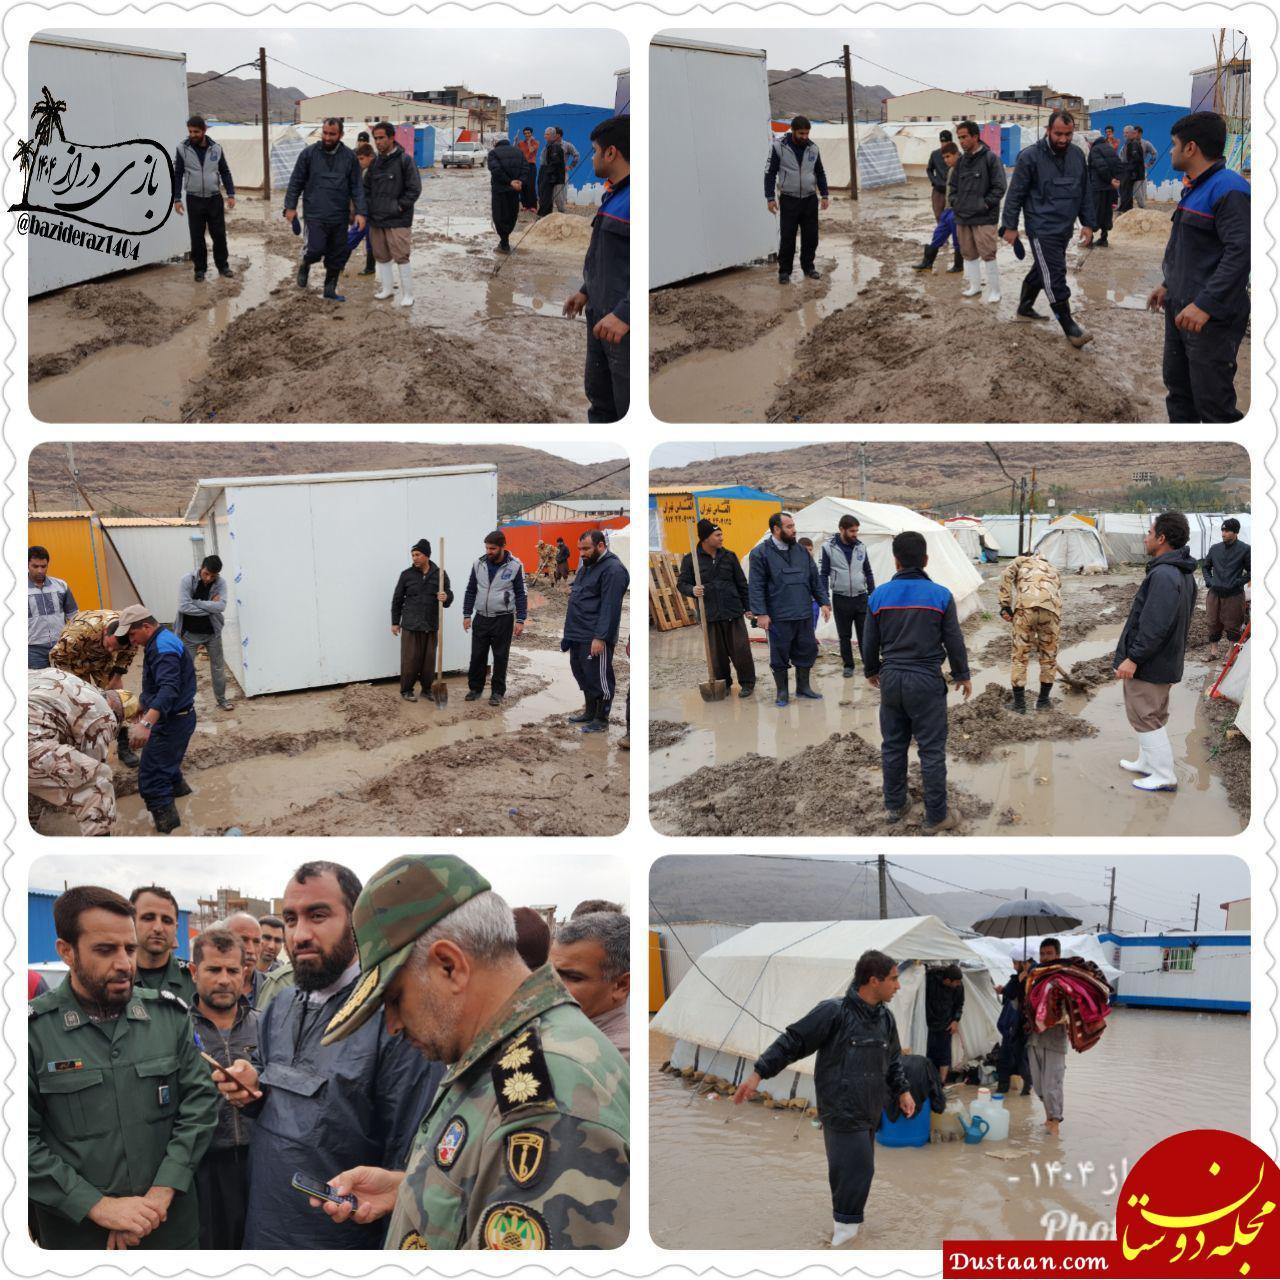 www.dustaan.com امام جمعه سرپل ذهاب با لباس مبدل درحال امداد! +تصاویر